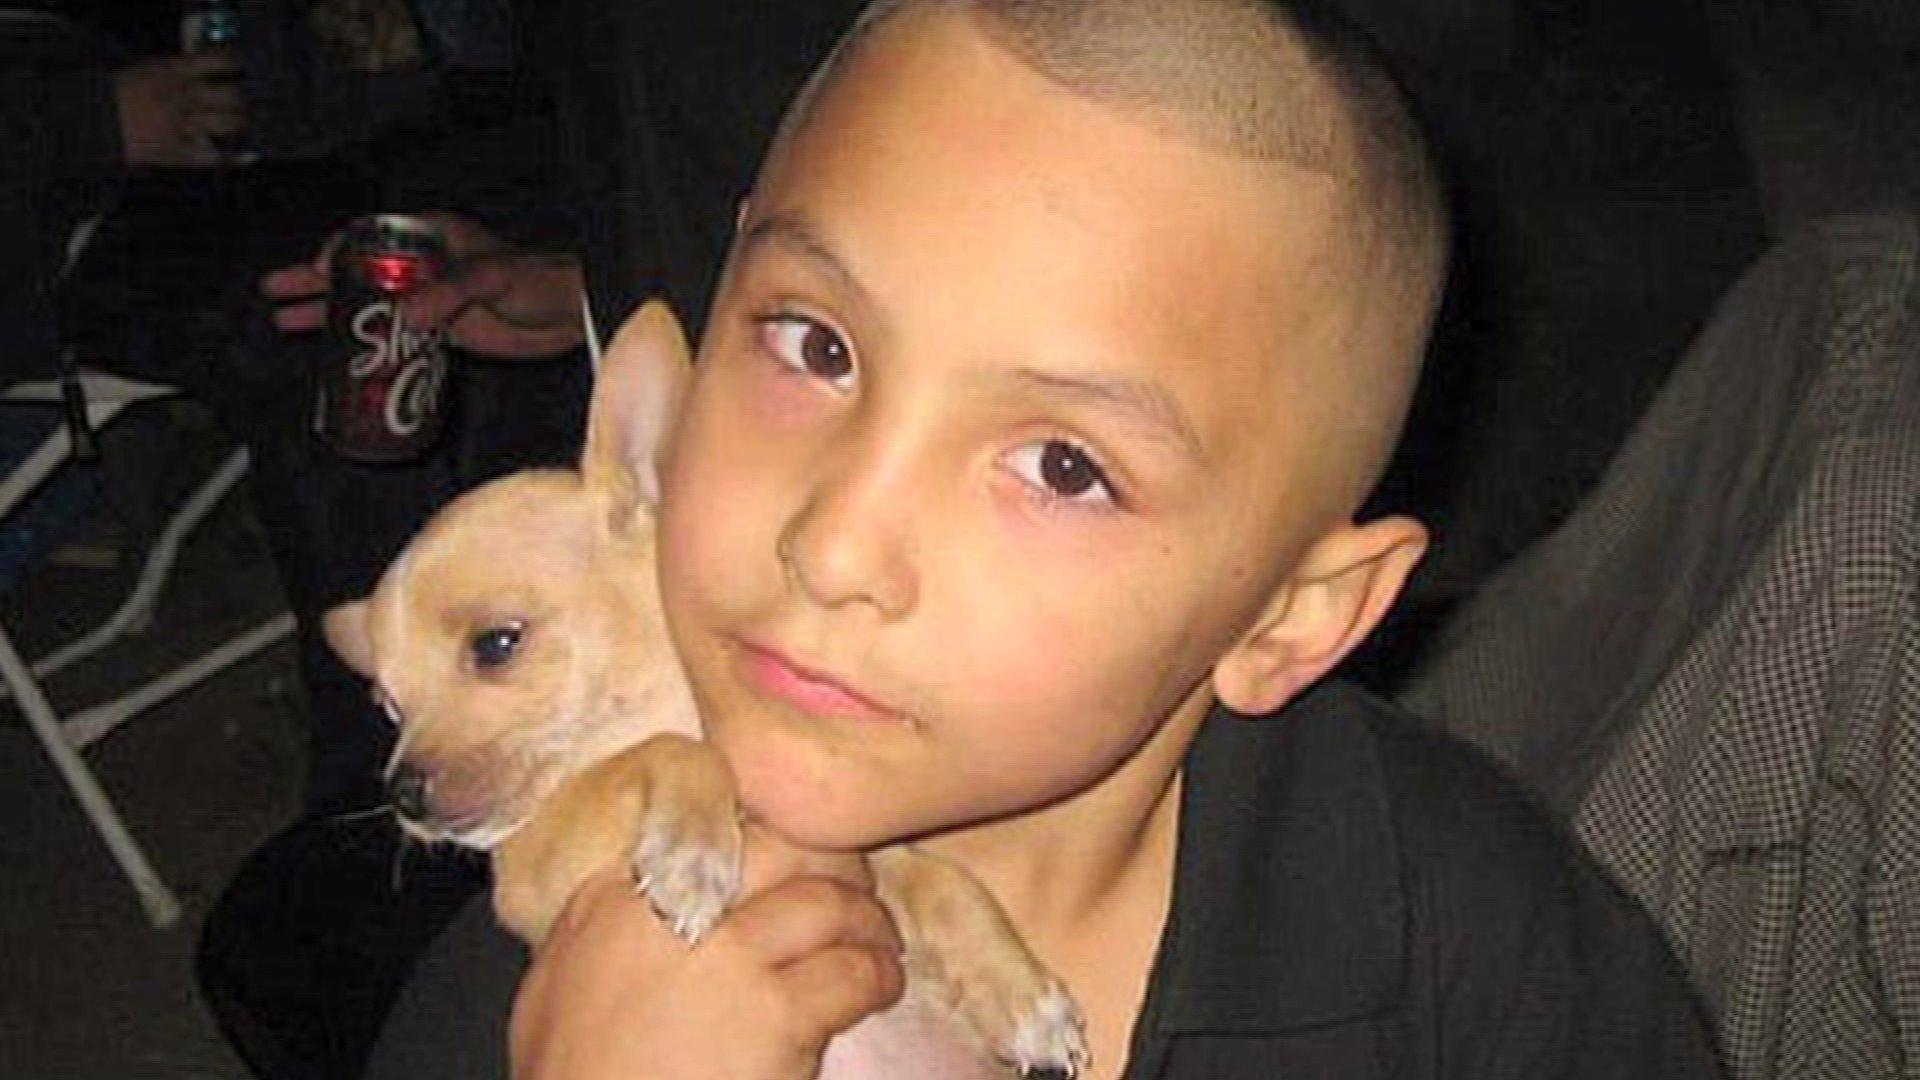 Peine capitale et prison à vie pour avoir torturé à mort leur enfant de 8 ans, qu'ils pensaient homosexuel (VIDEO)